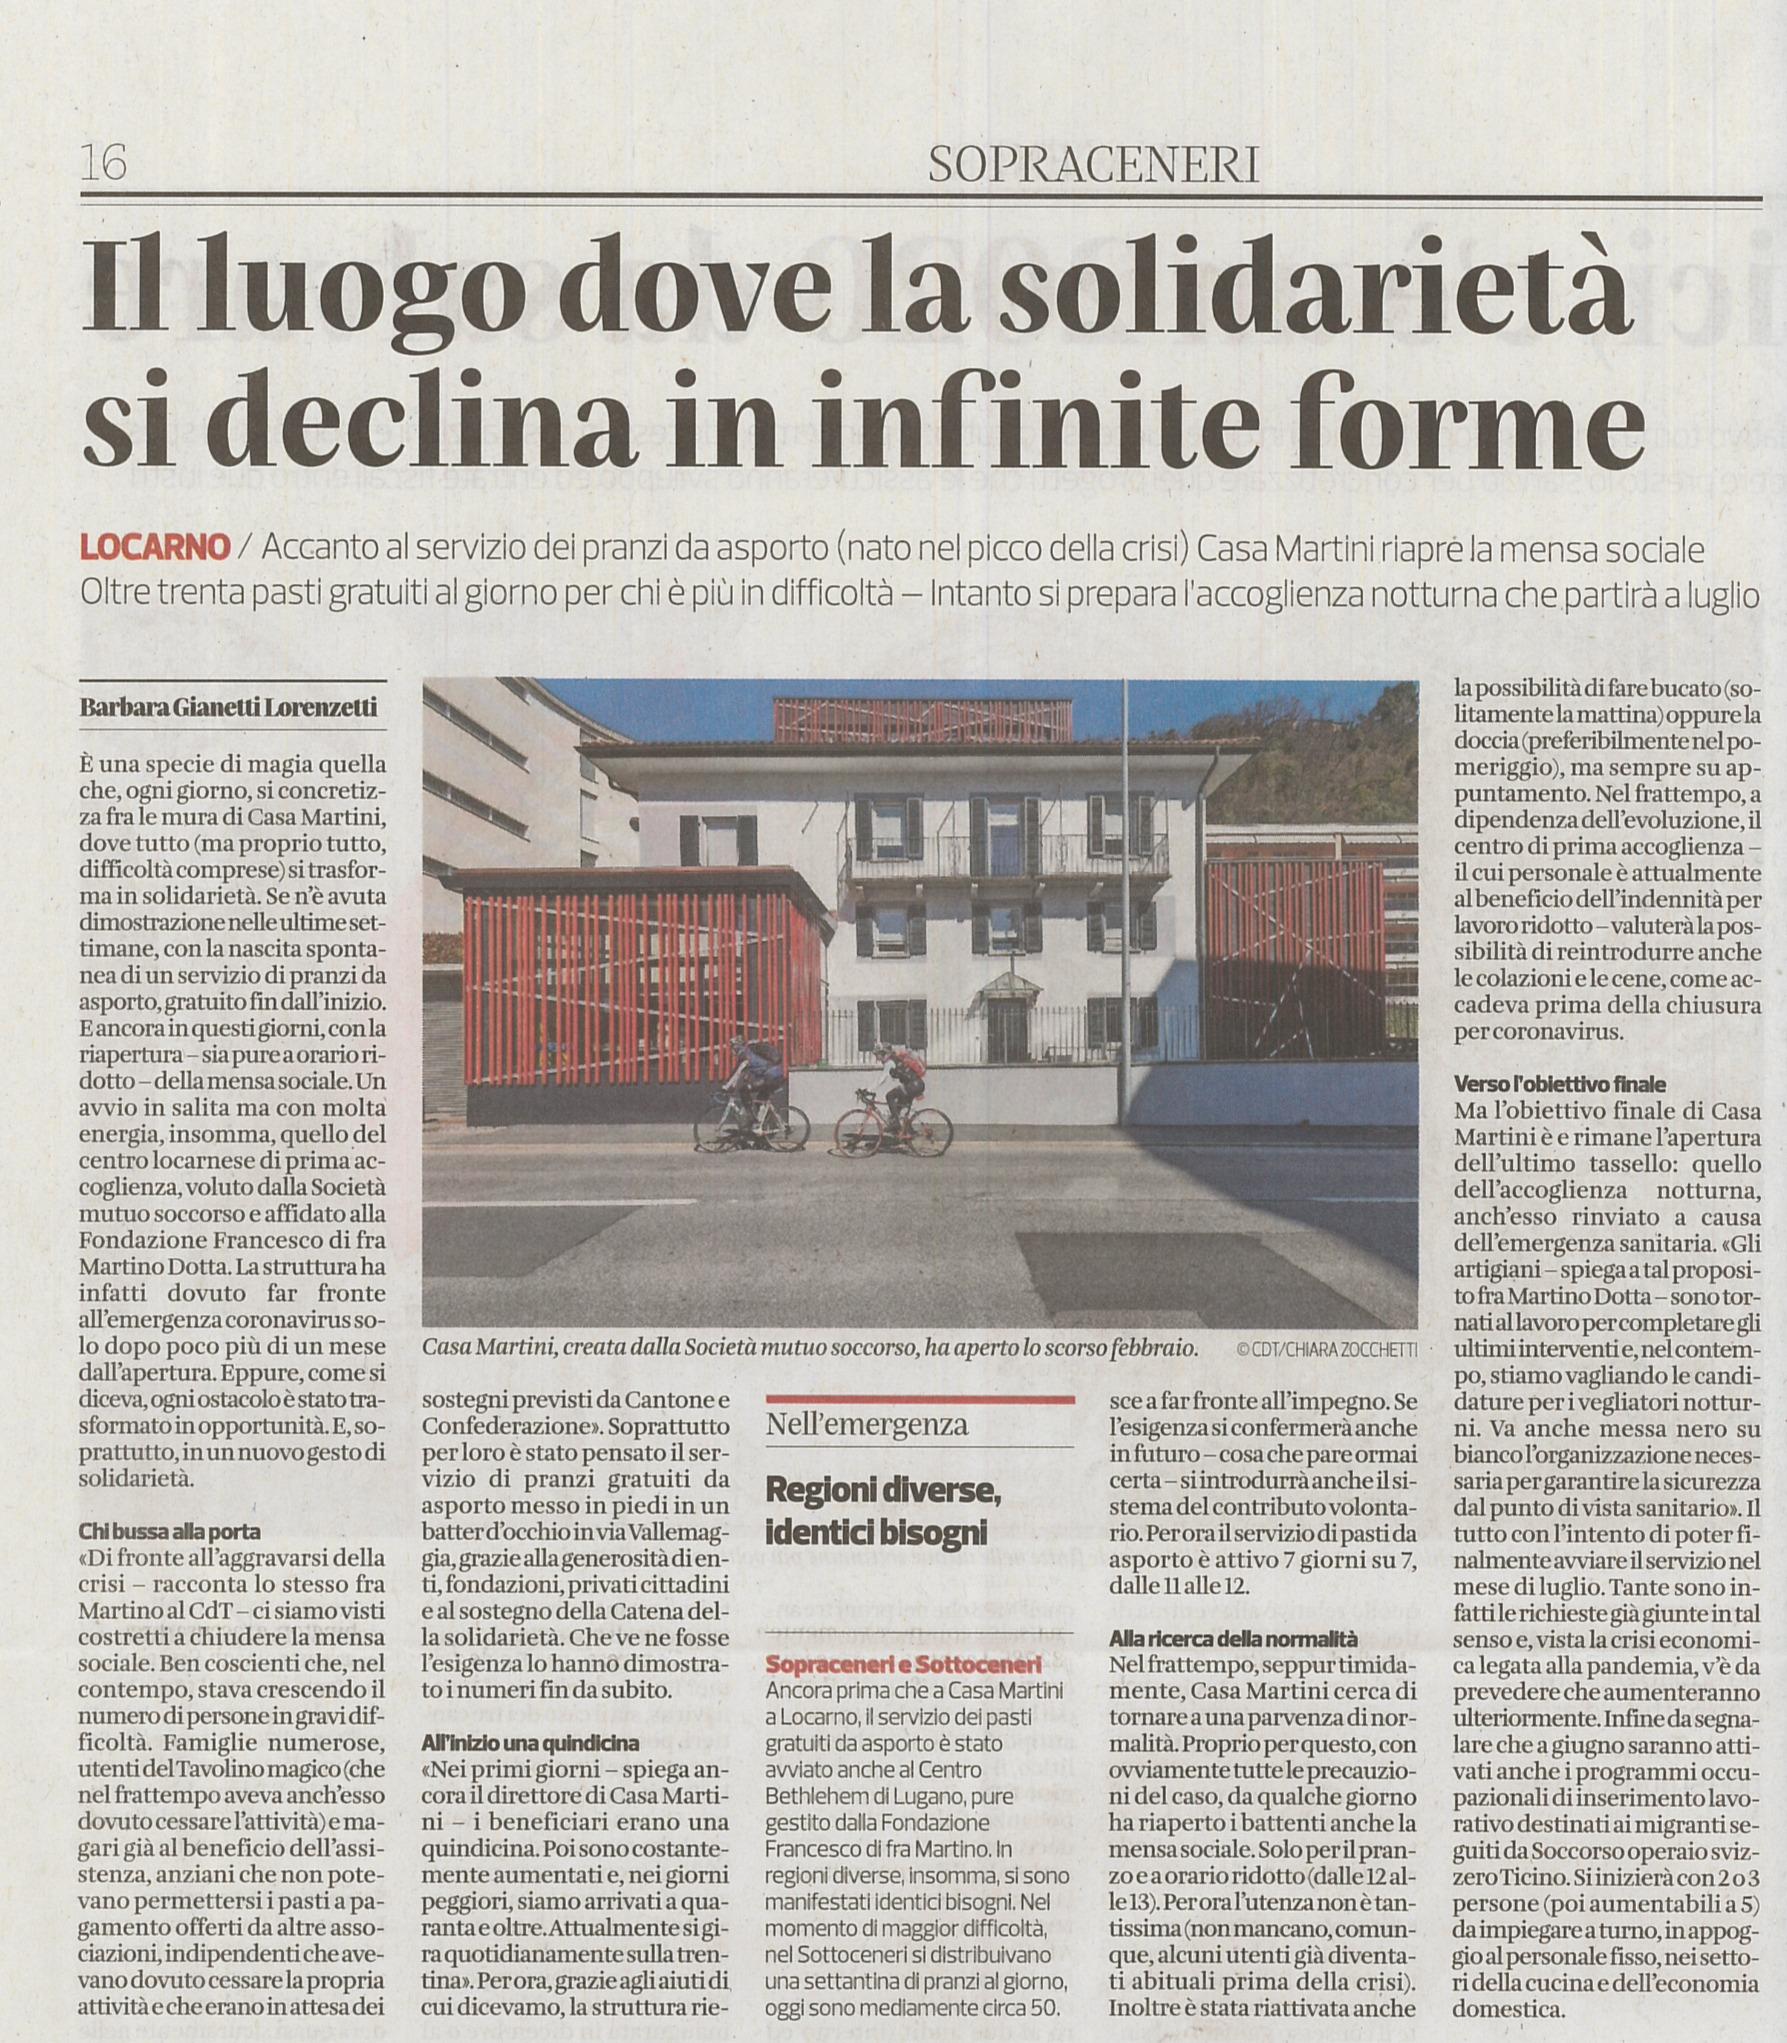 Corriere del Ticino 25.05.2020